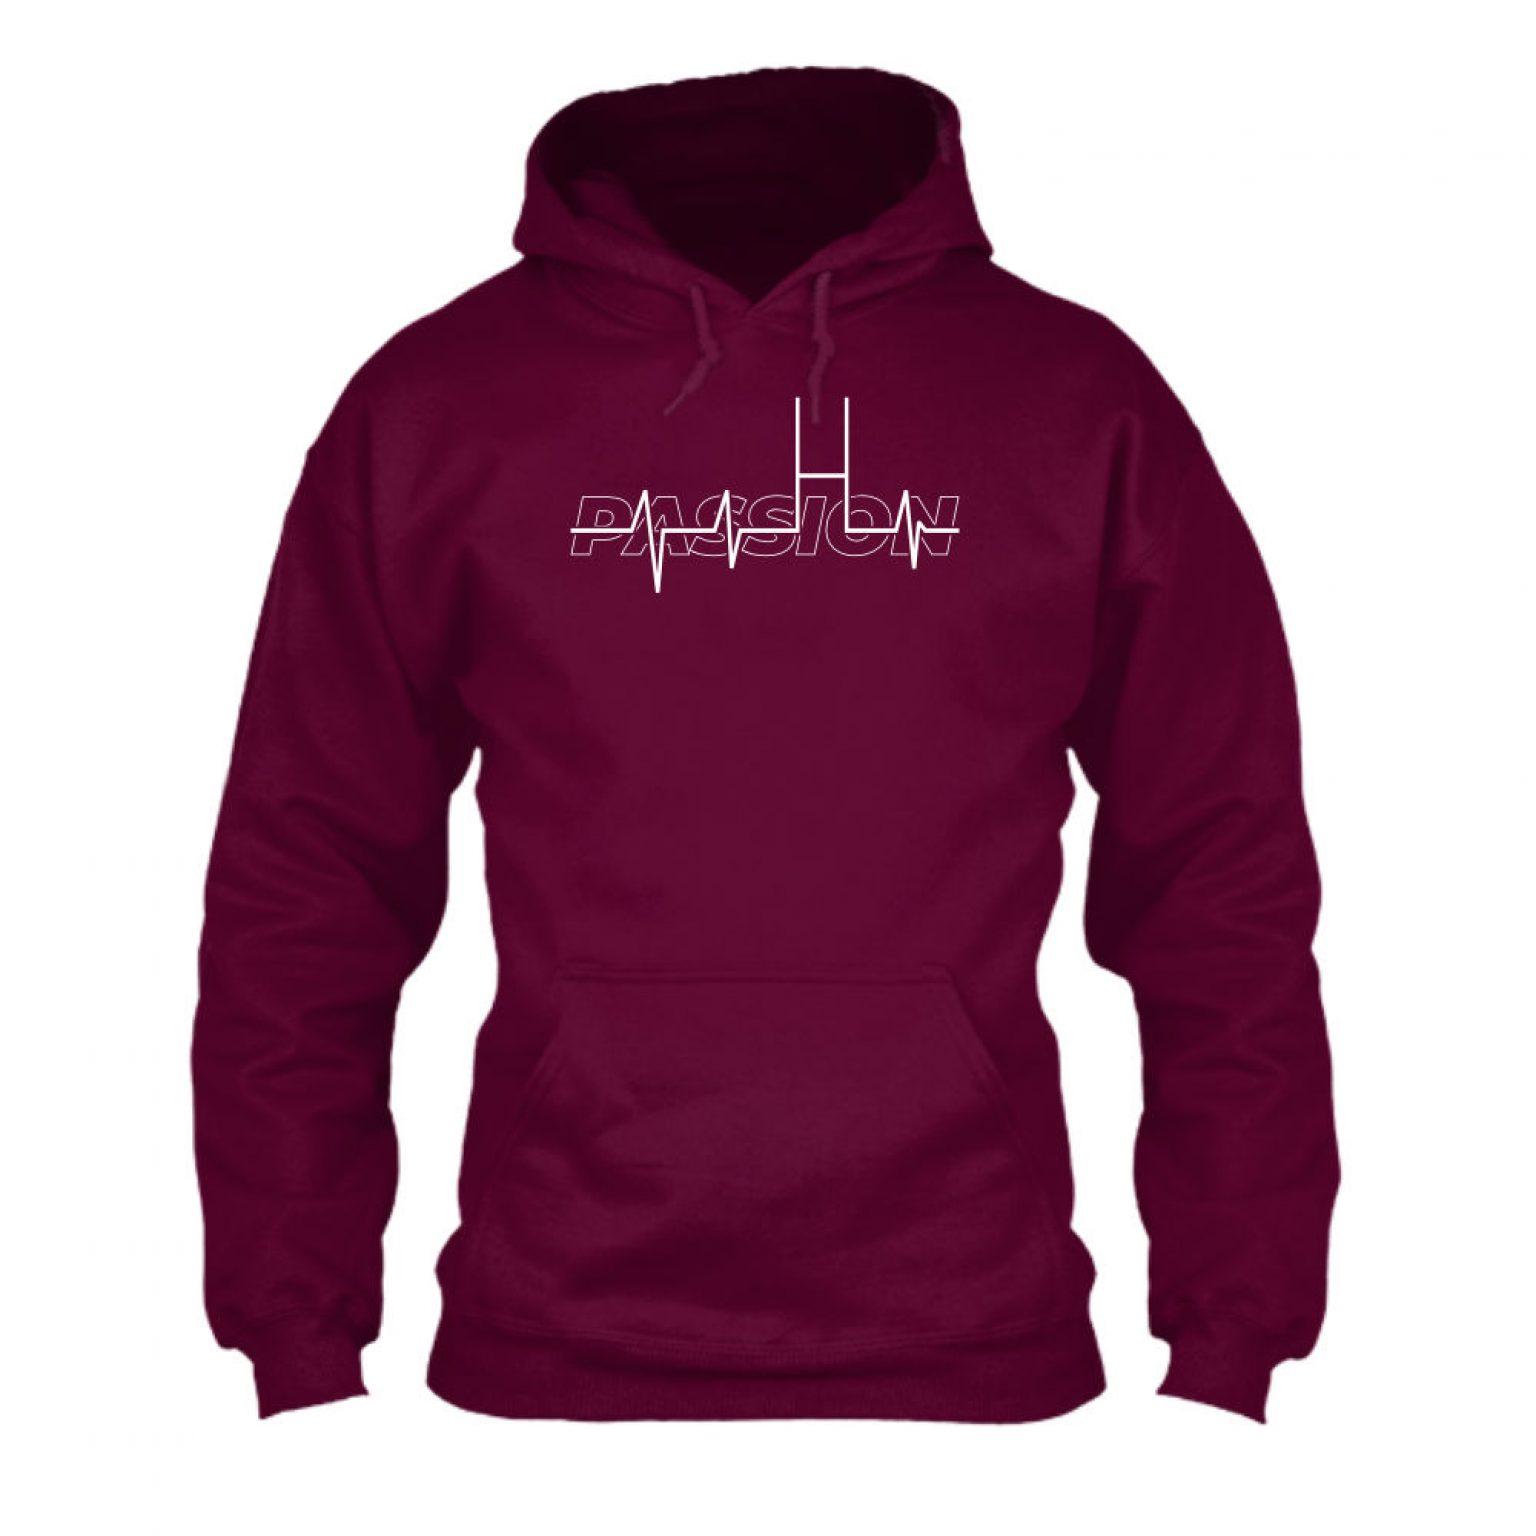 passion hoodie herren burgundy front